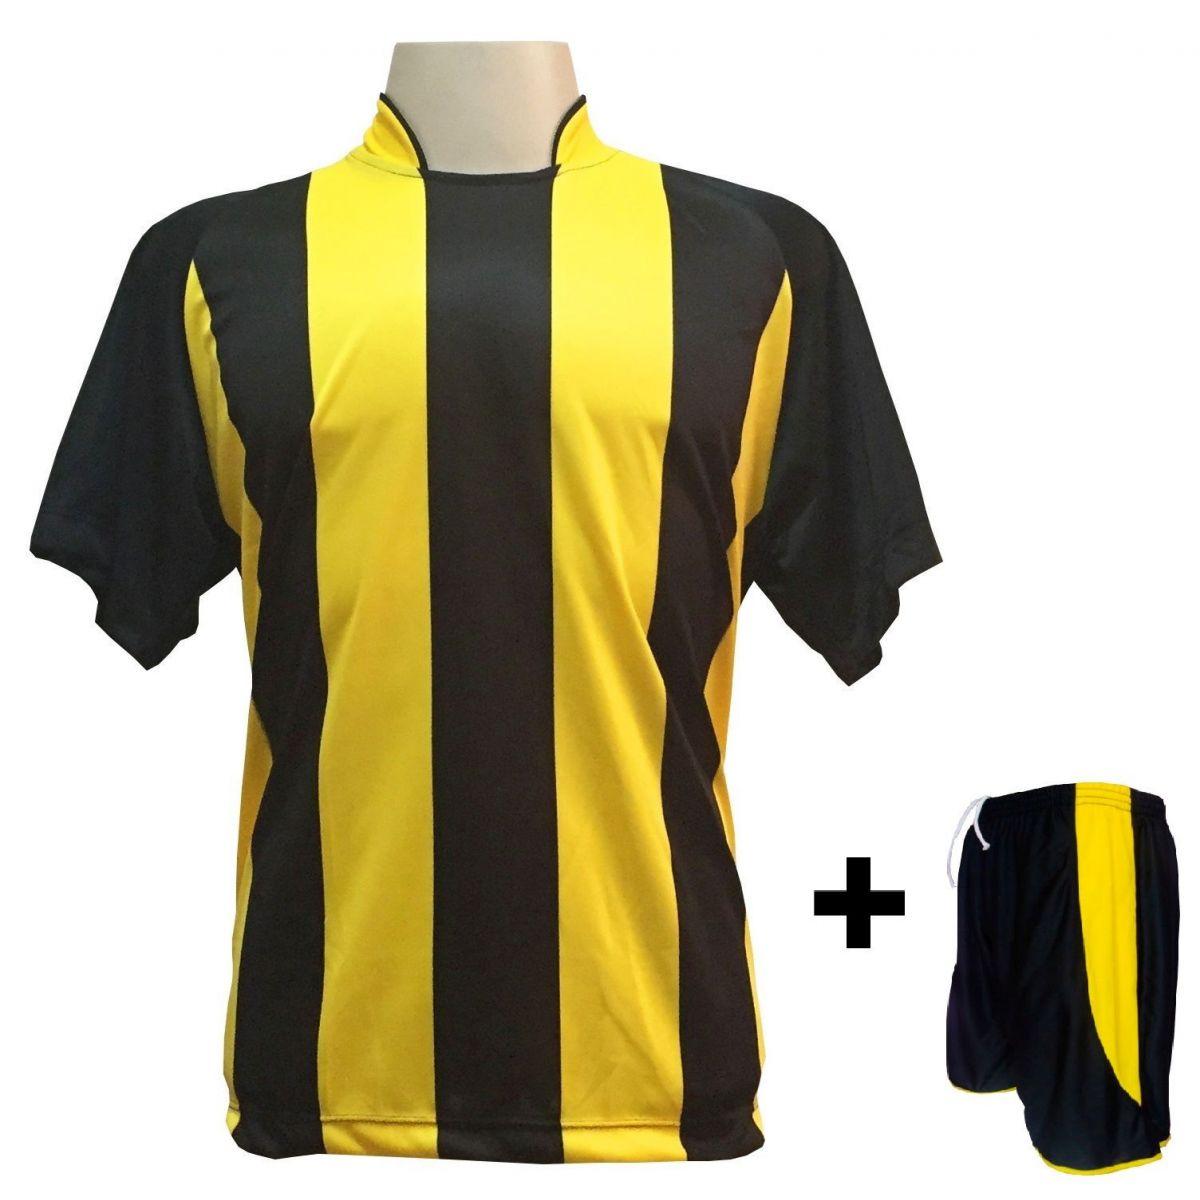 Uniforme Esportivo com 18 camisas modelo Milan Preto/Amarelo + 18 calções modelo Copa + 1 Goleiro + Brindes